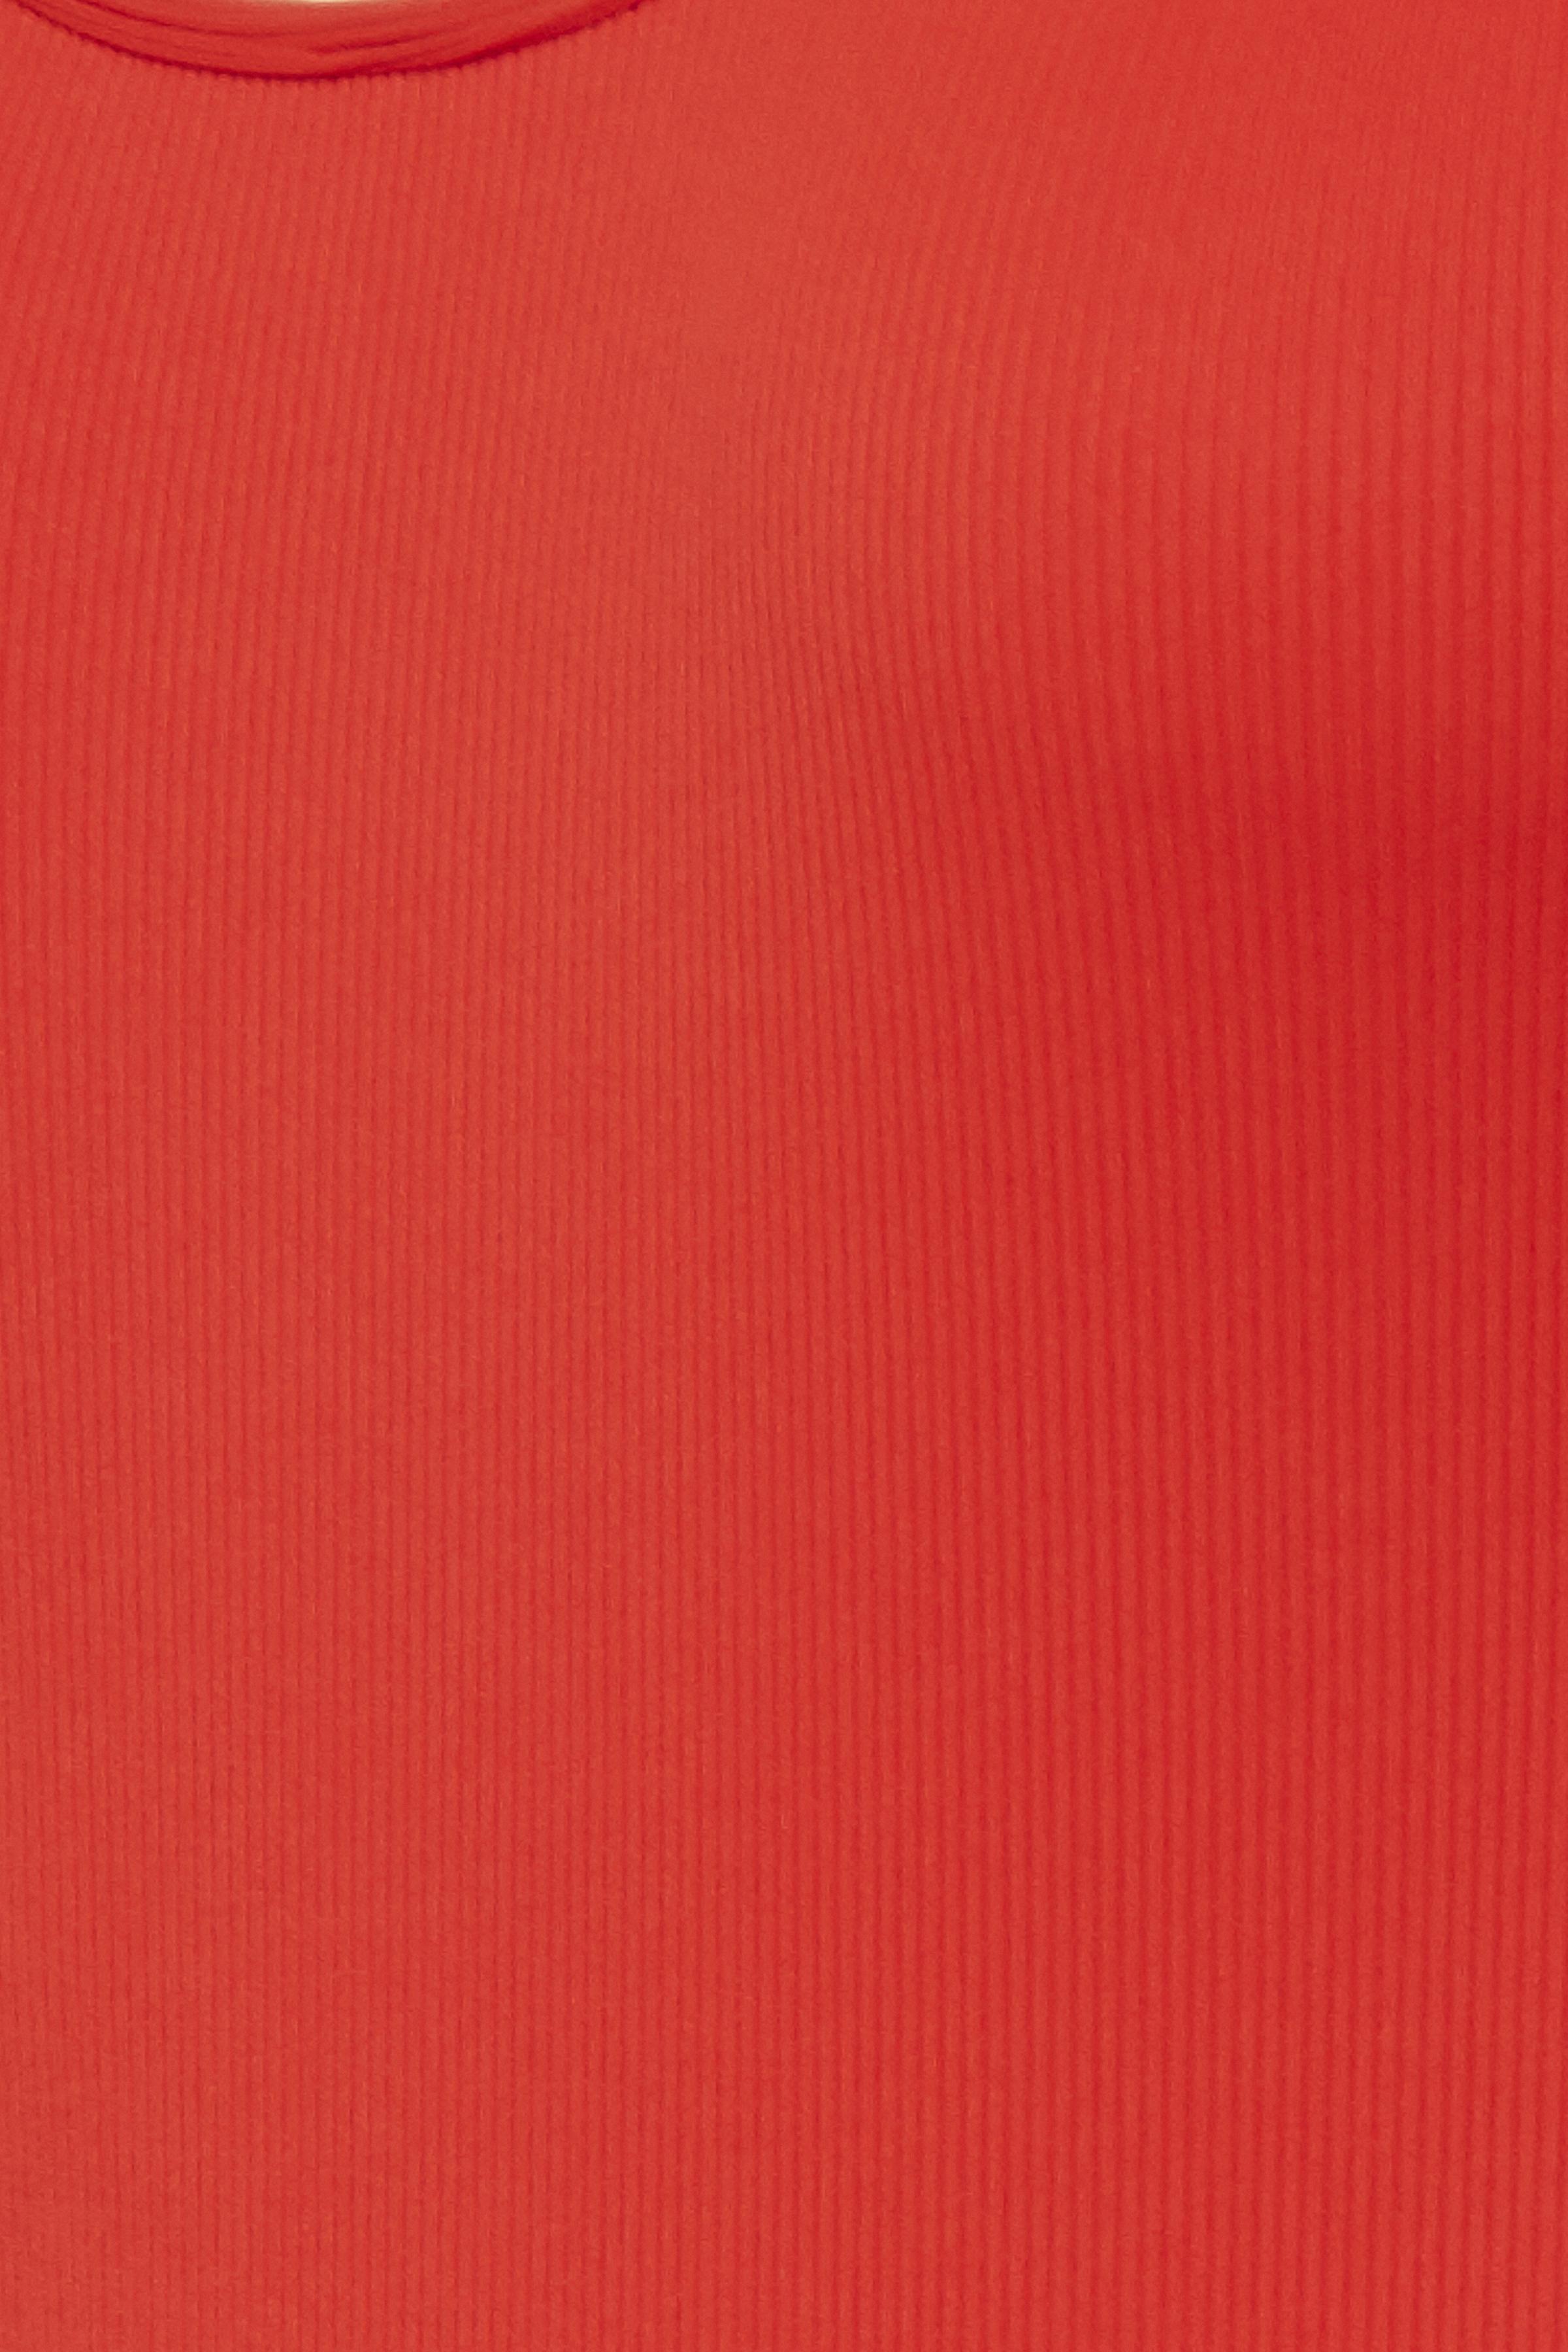 Poinciana Underwear fra Ichi - accessories – Køb Poinciana Underwear fra str. XS/S-M/L her